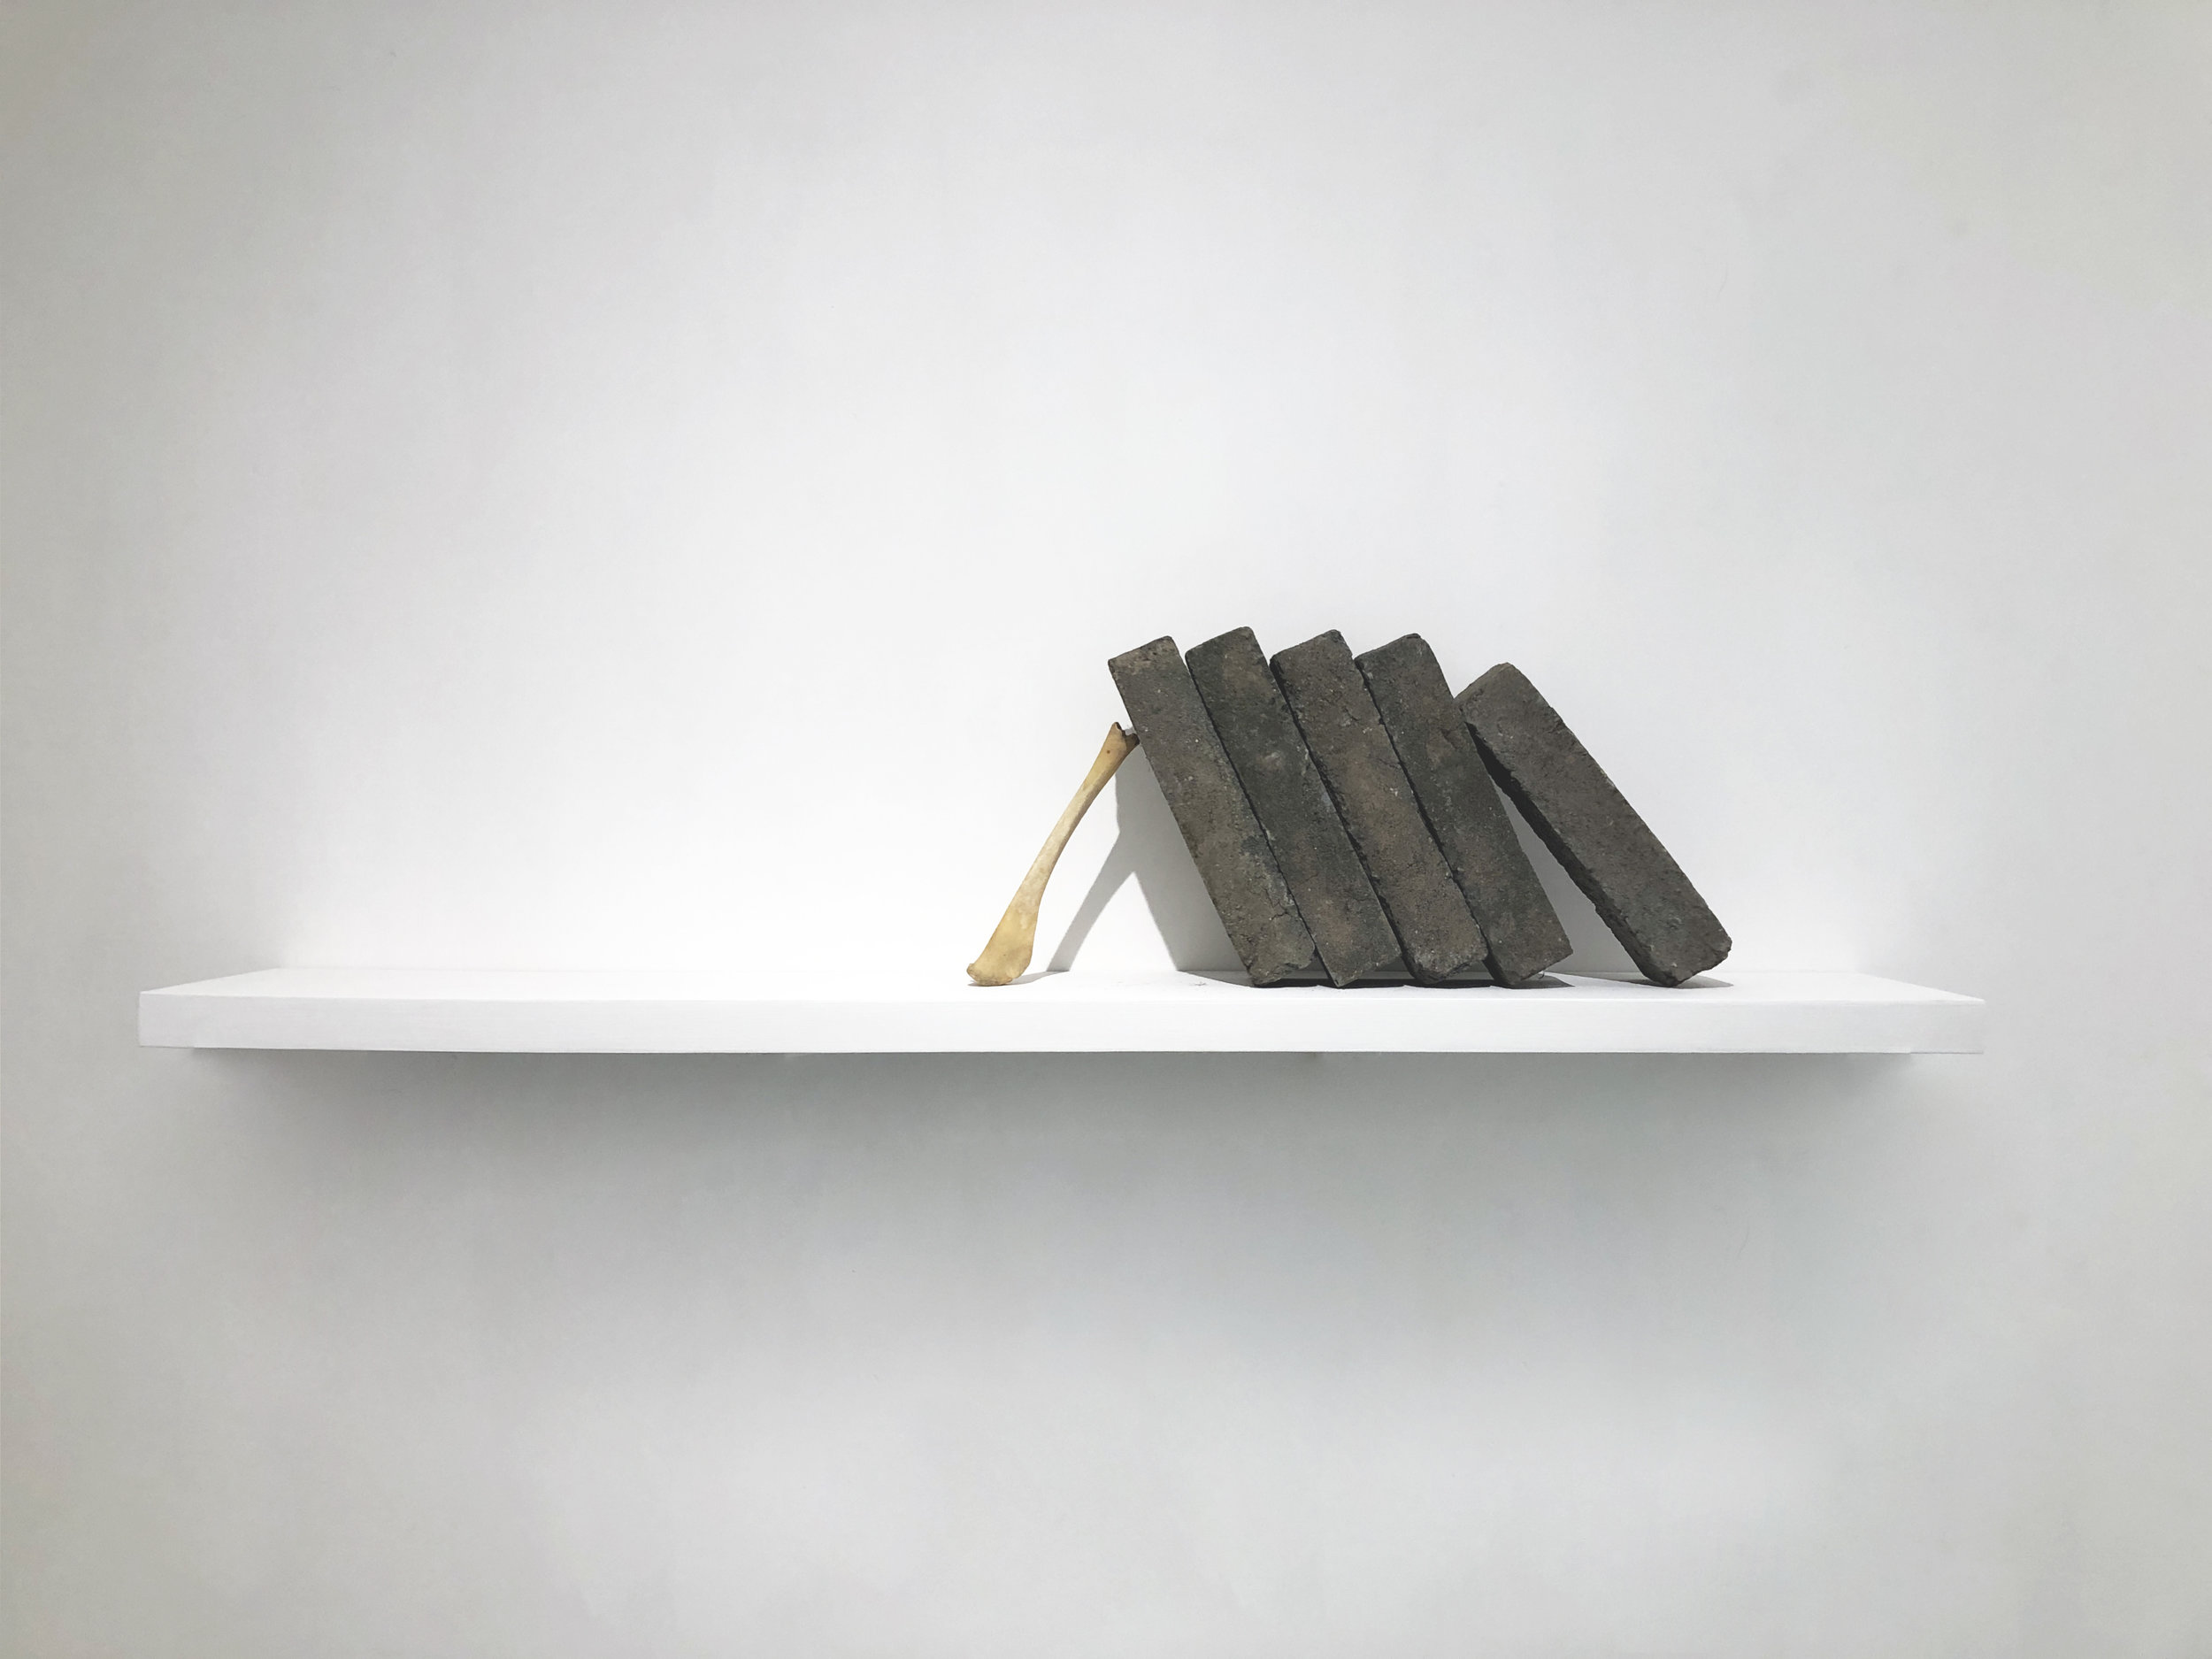 蕭昱, 風景 No. 5, 青磚、動物骨, 尺寸可變, 2011